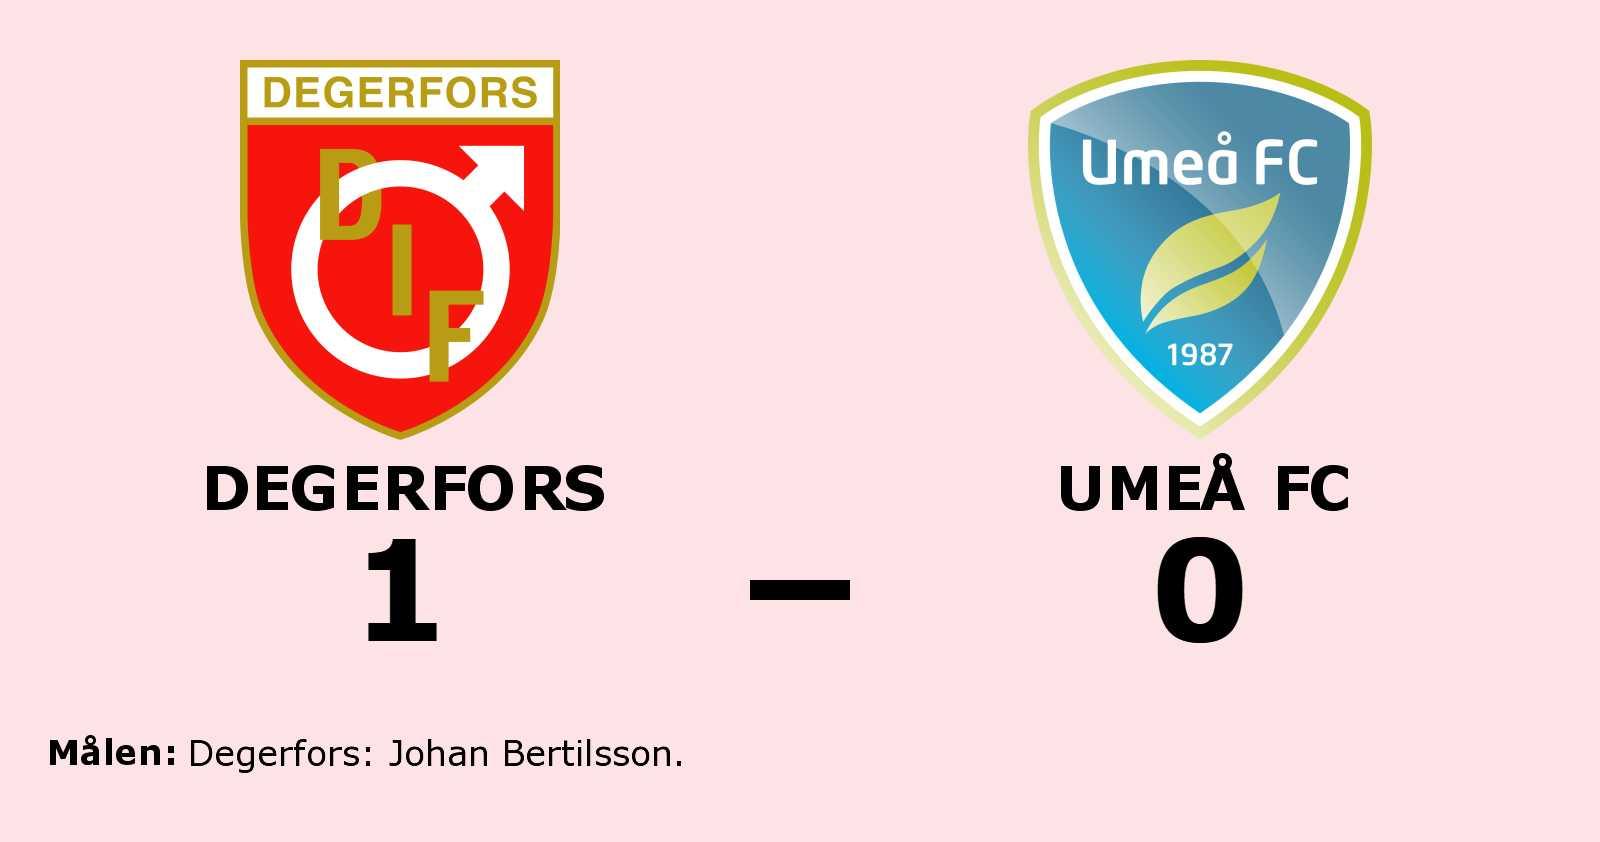 Johan Bertilsson avgjorde när Degerfors sänkte Umeå FC